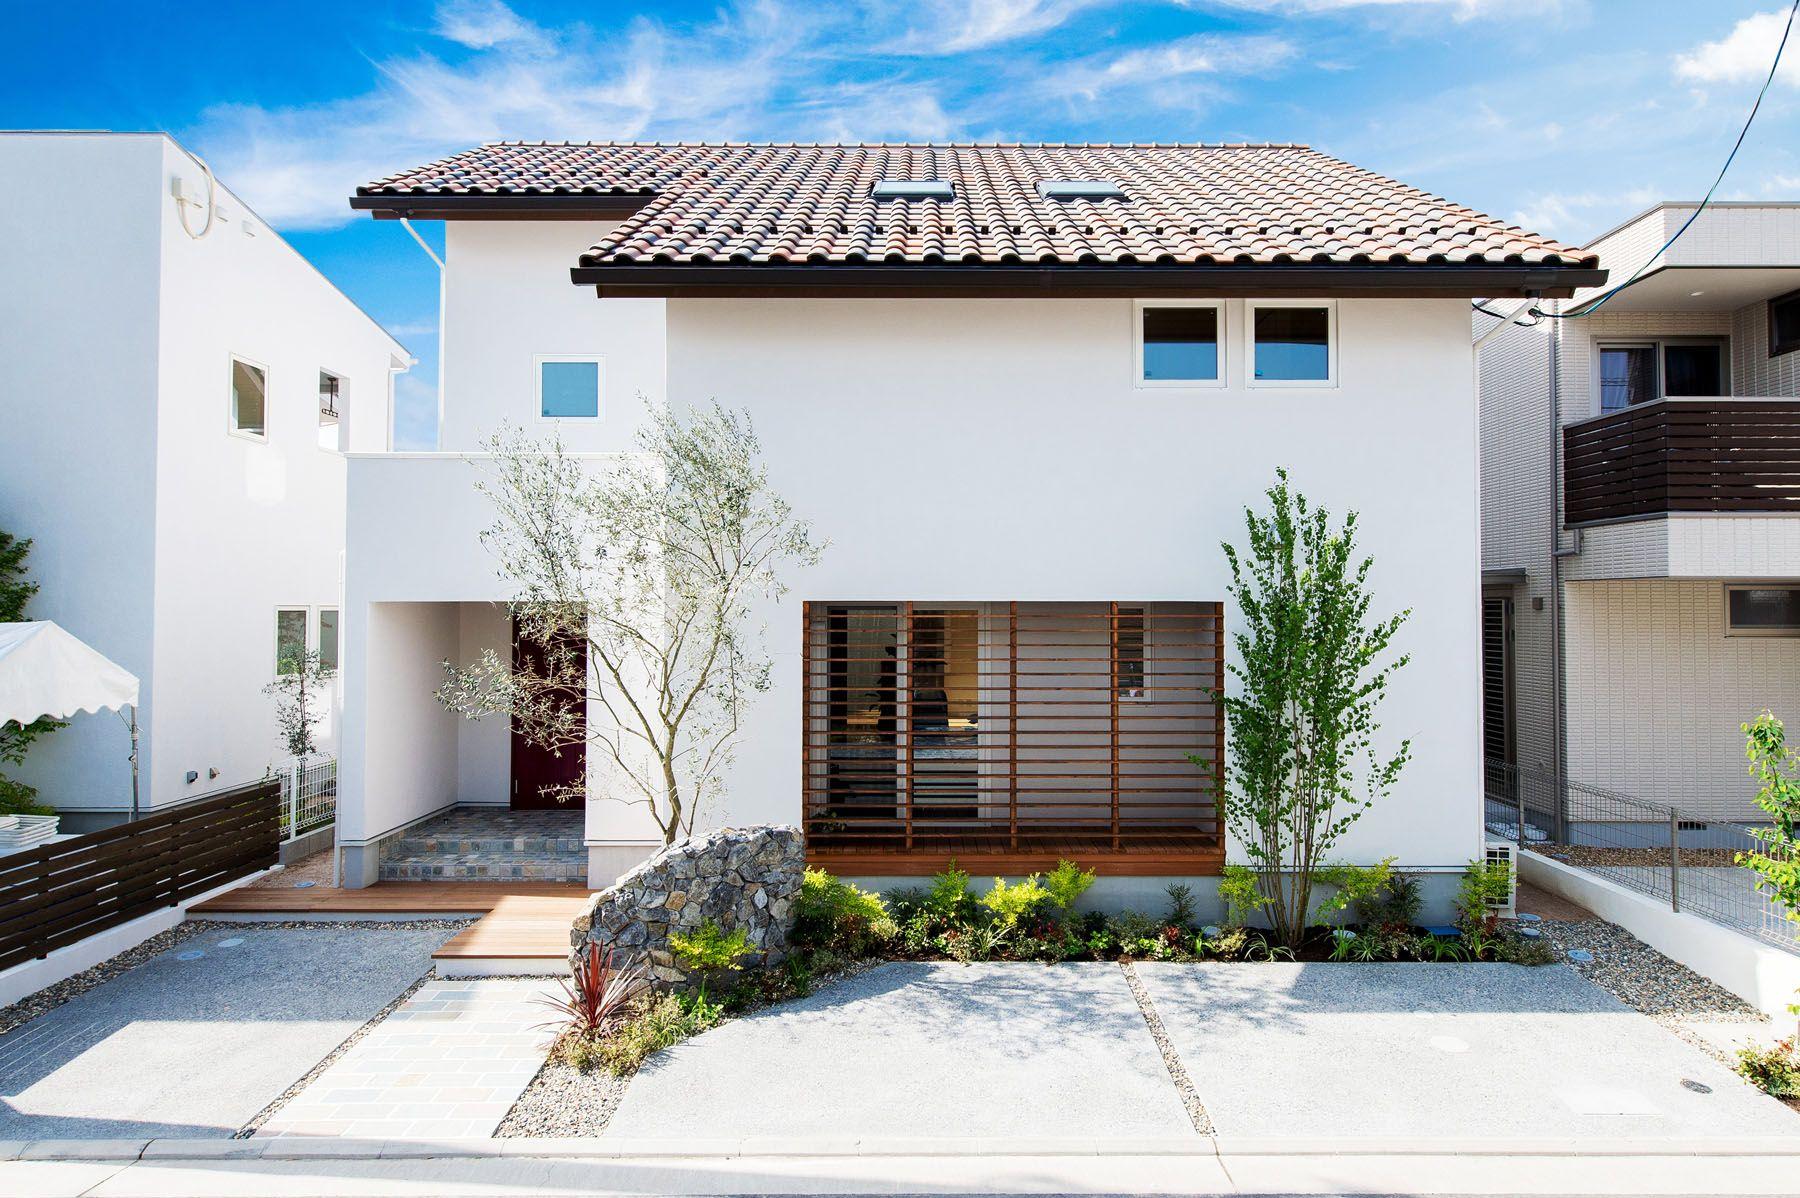 洋風瓦を使ったシンプルな家 注文住宅 家 広島 工務店 オールハウス